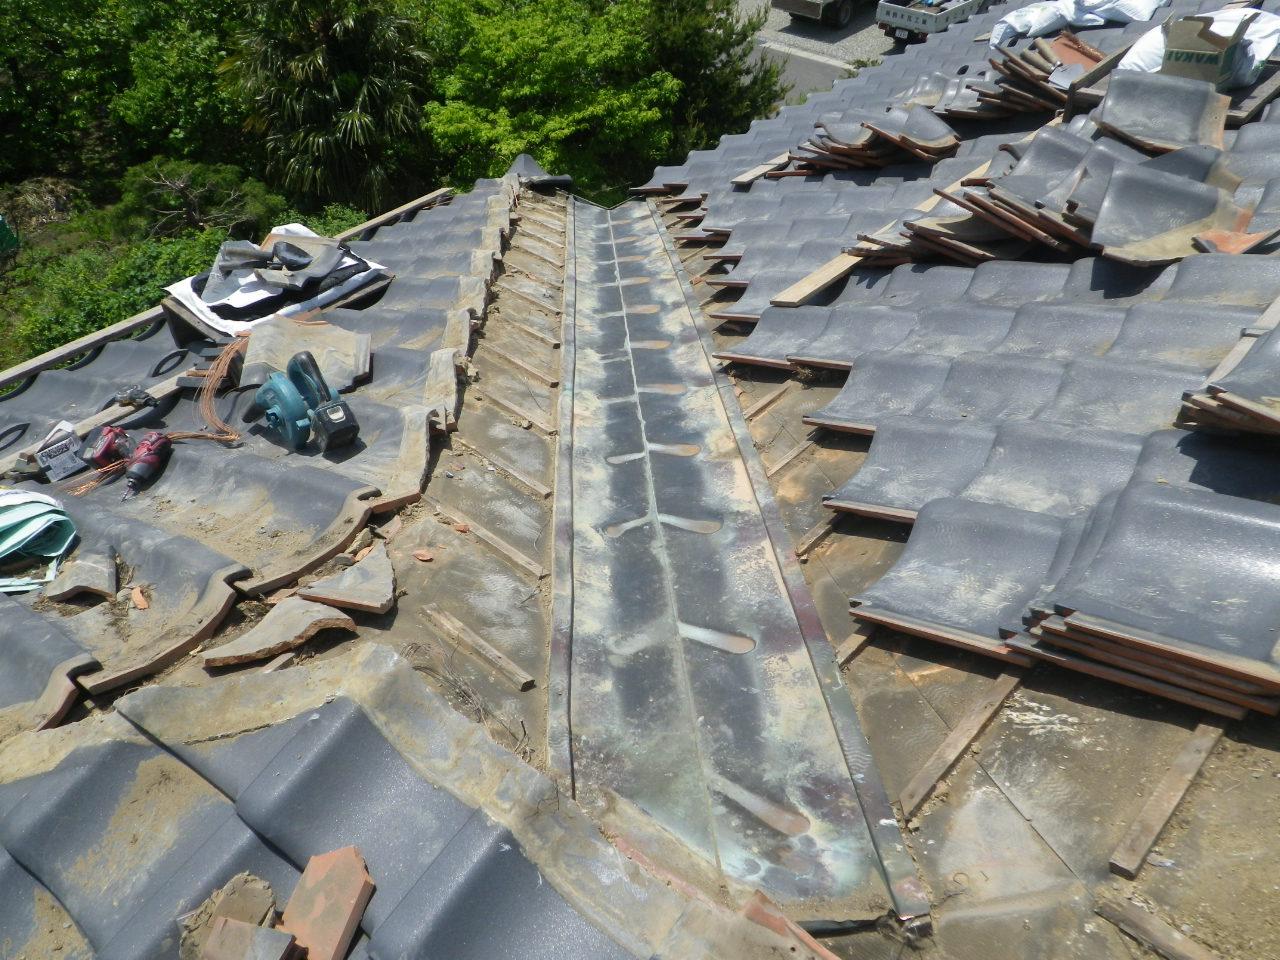 瓦屋根の谷板金からの漏水修理工事風景をご紹介します!in宇都宮市